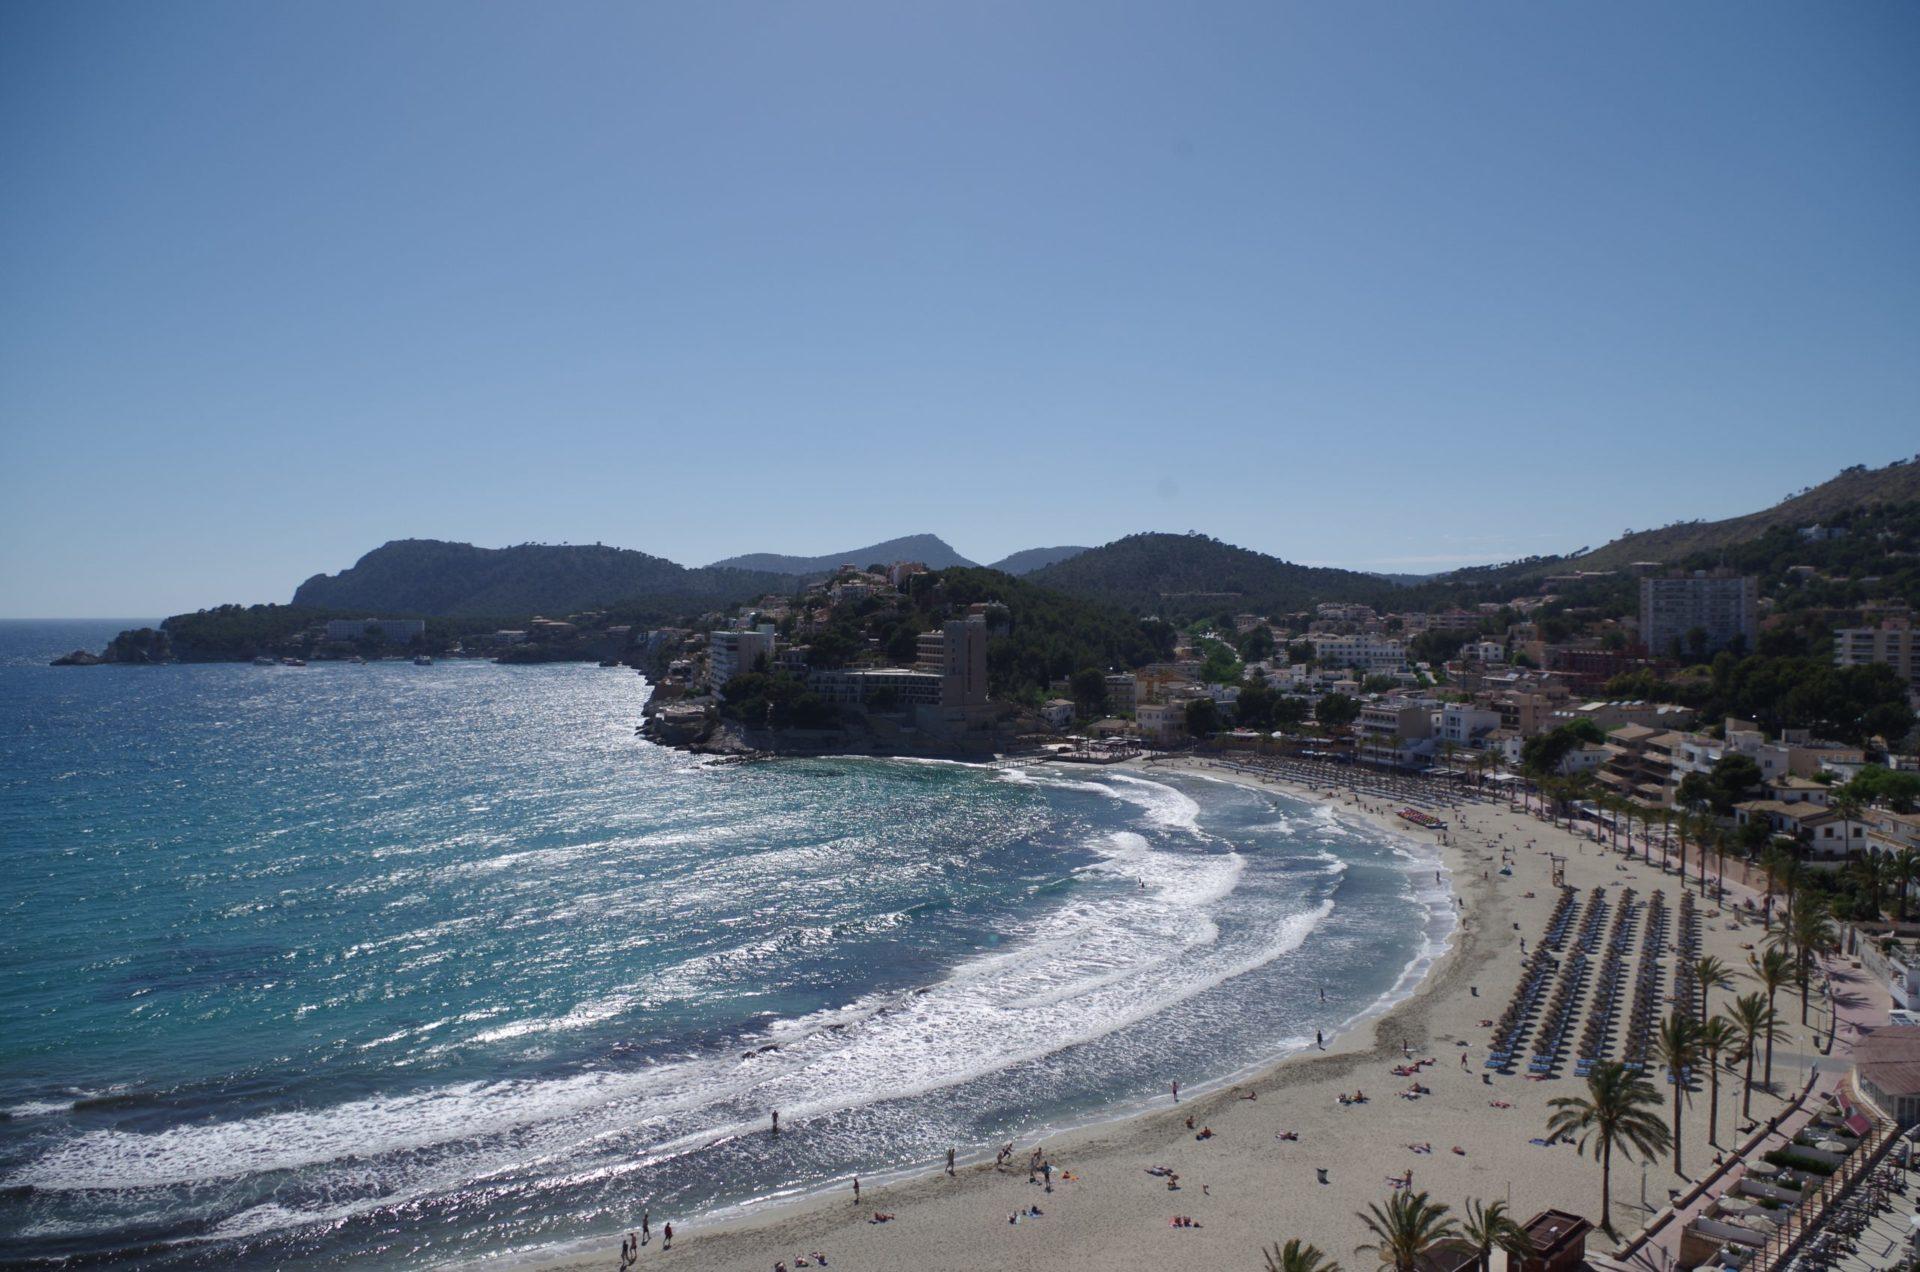 Wassertemperatur Paguera: Bucht von Paguera mit Badestrand Playa Peguera